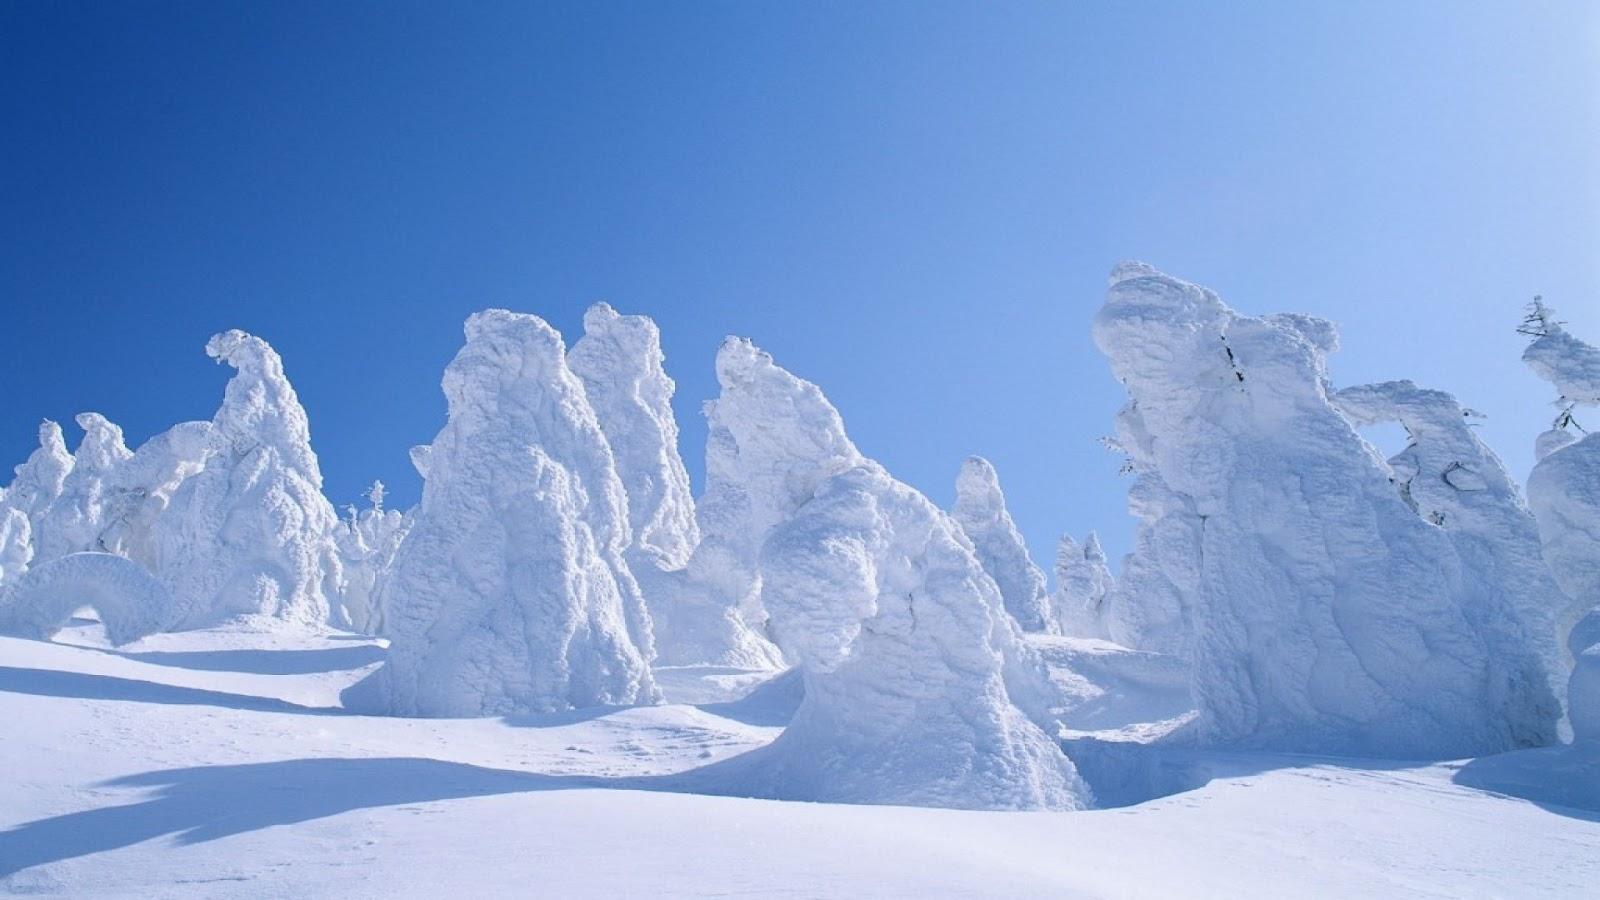 Fond ecran paysage hiver maison fonds d 39 cran hd for Fond ecran gratuit pour ordinateur hiver